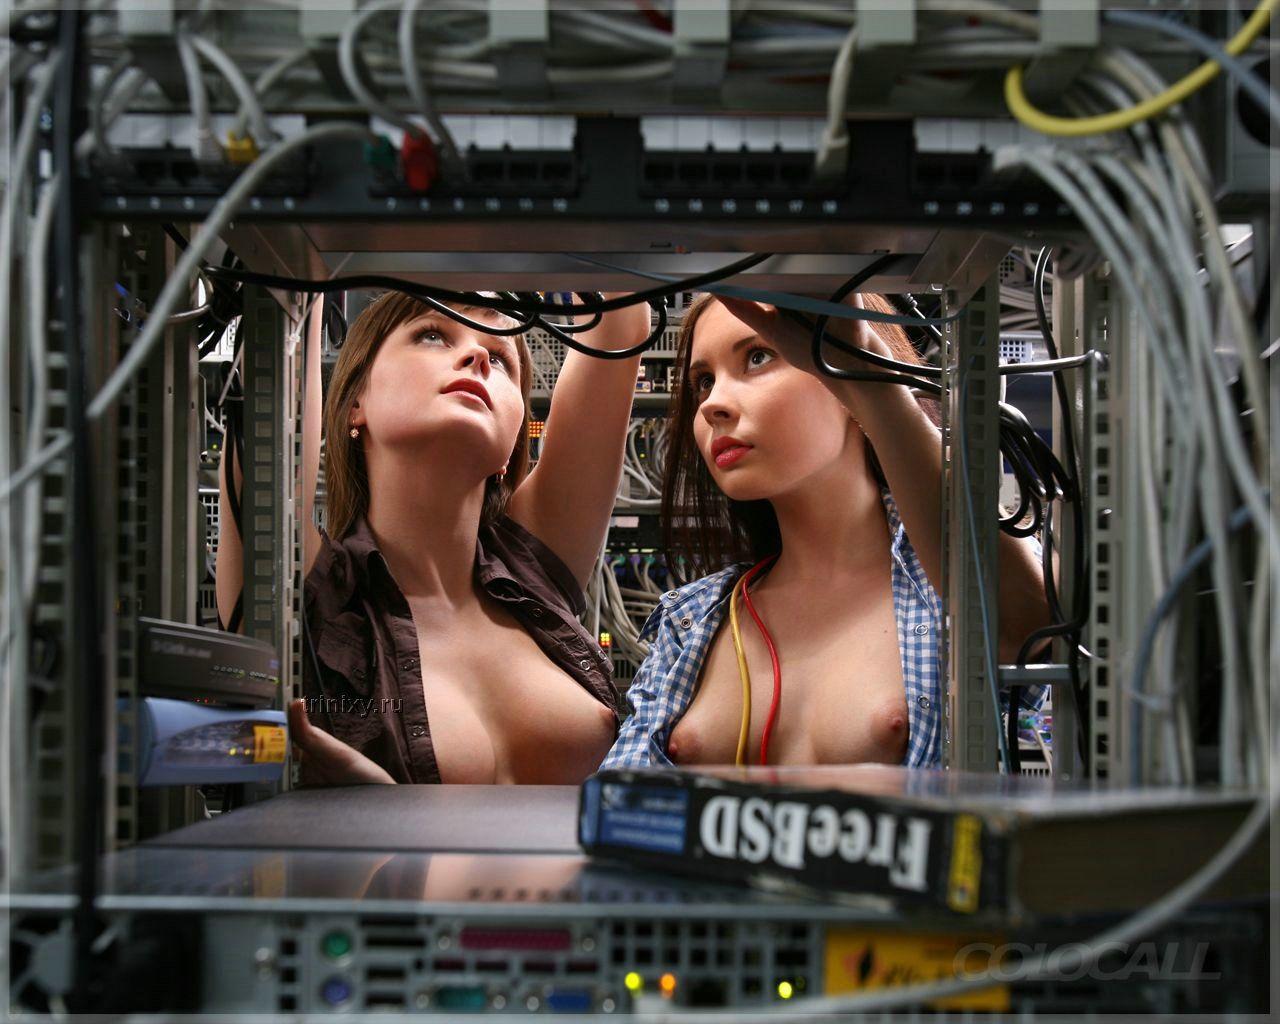 seks-foto-na-nudiskih-plyazhah